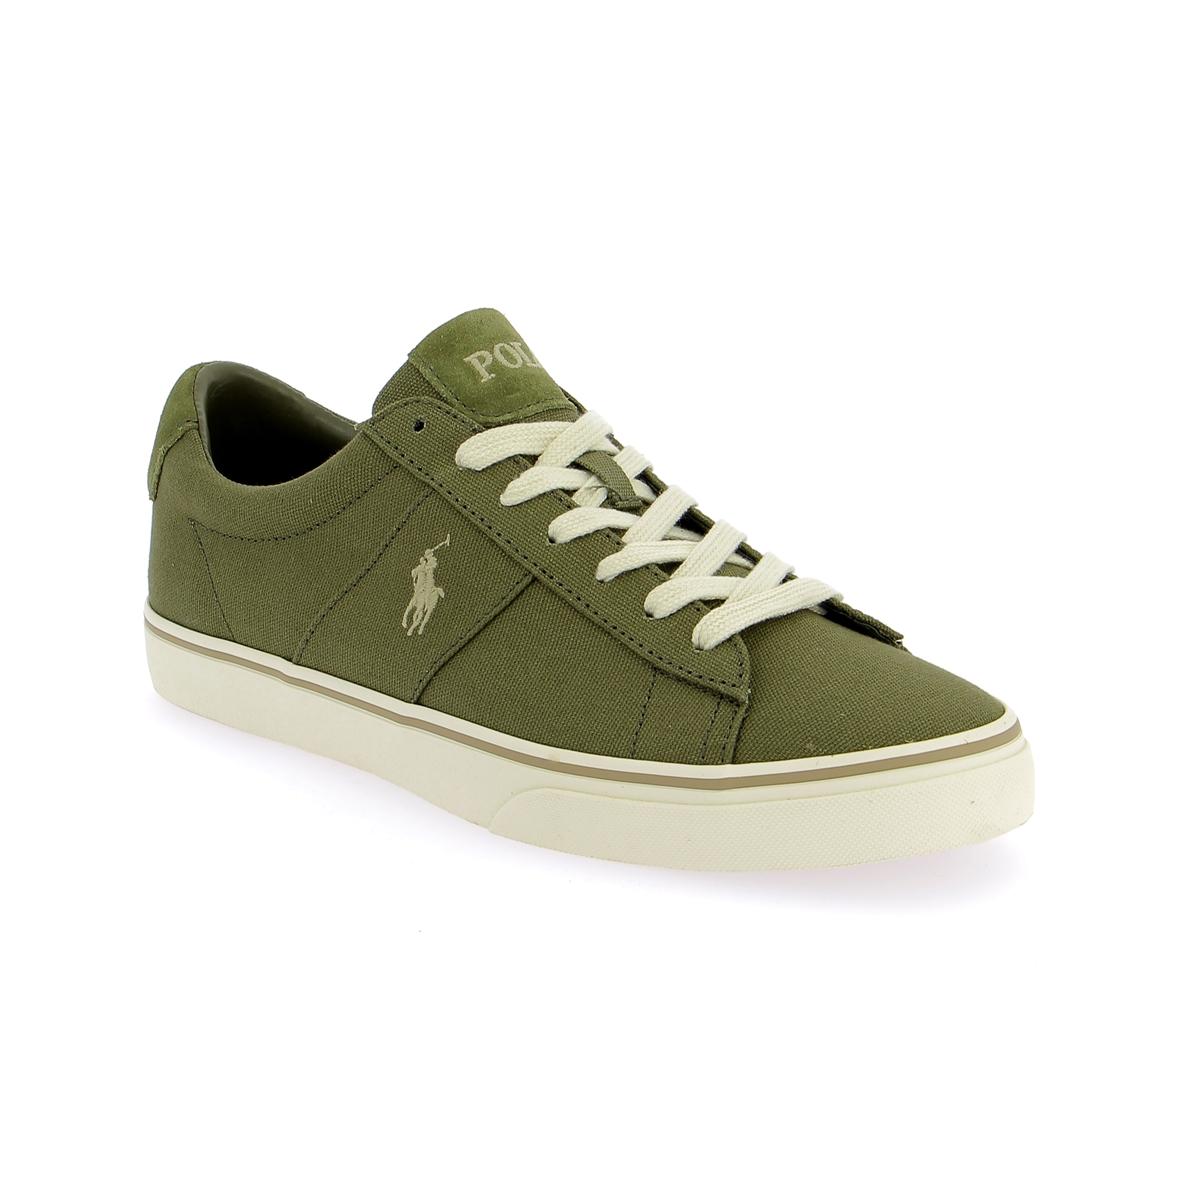 Ralph Lauren Sneakers kaki